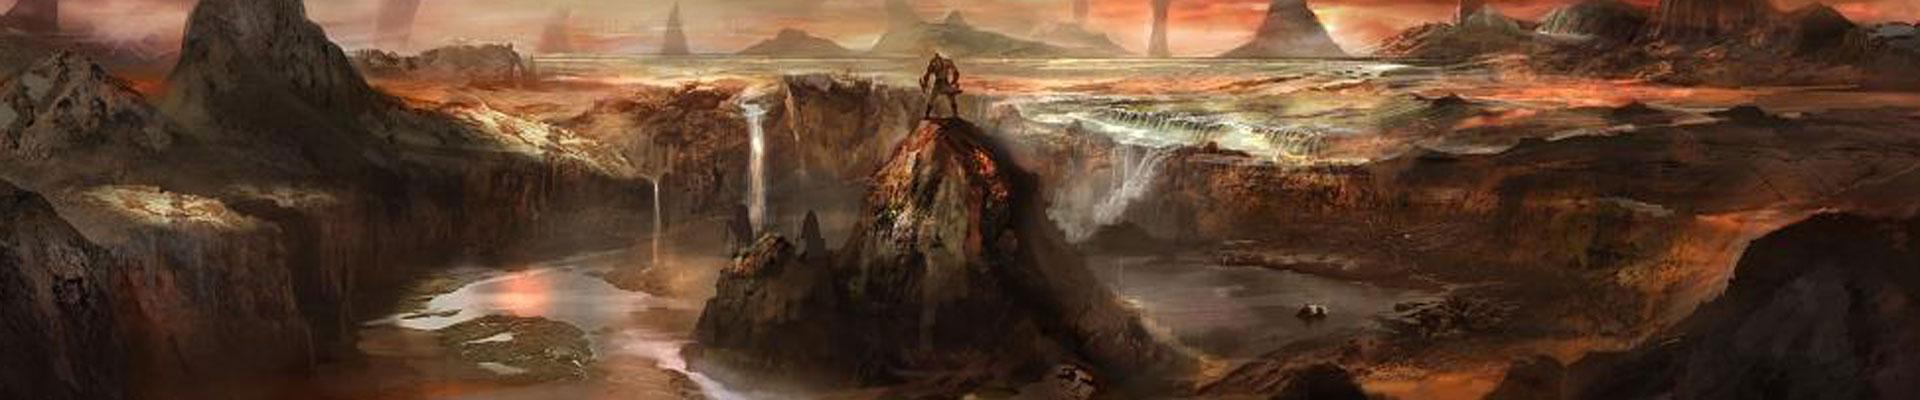 斯巴达人的逆袭 北欧神话盘点